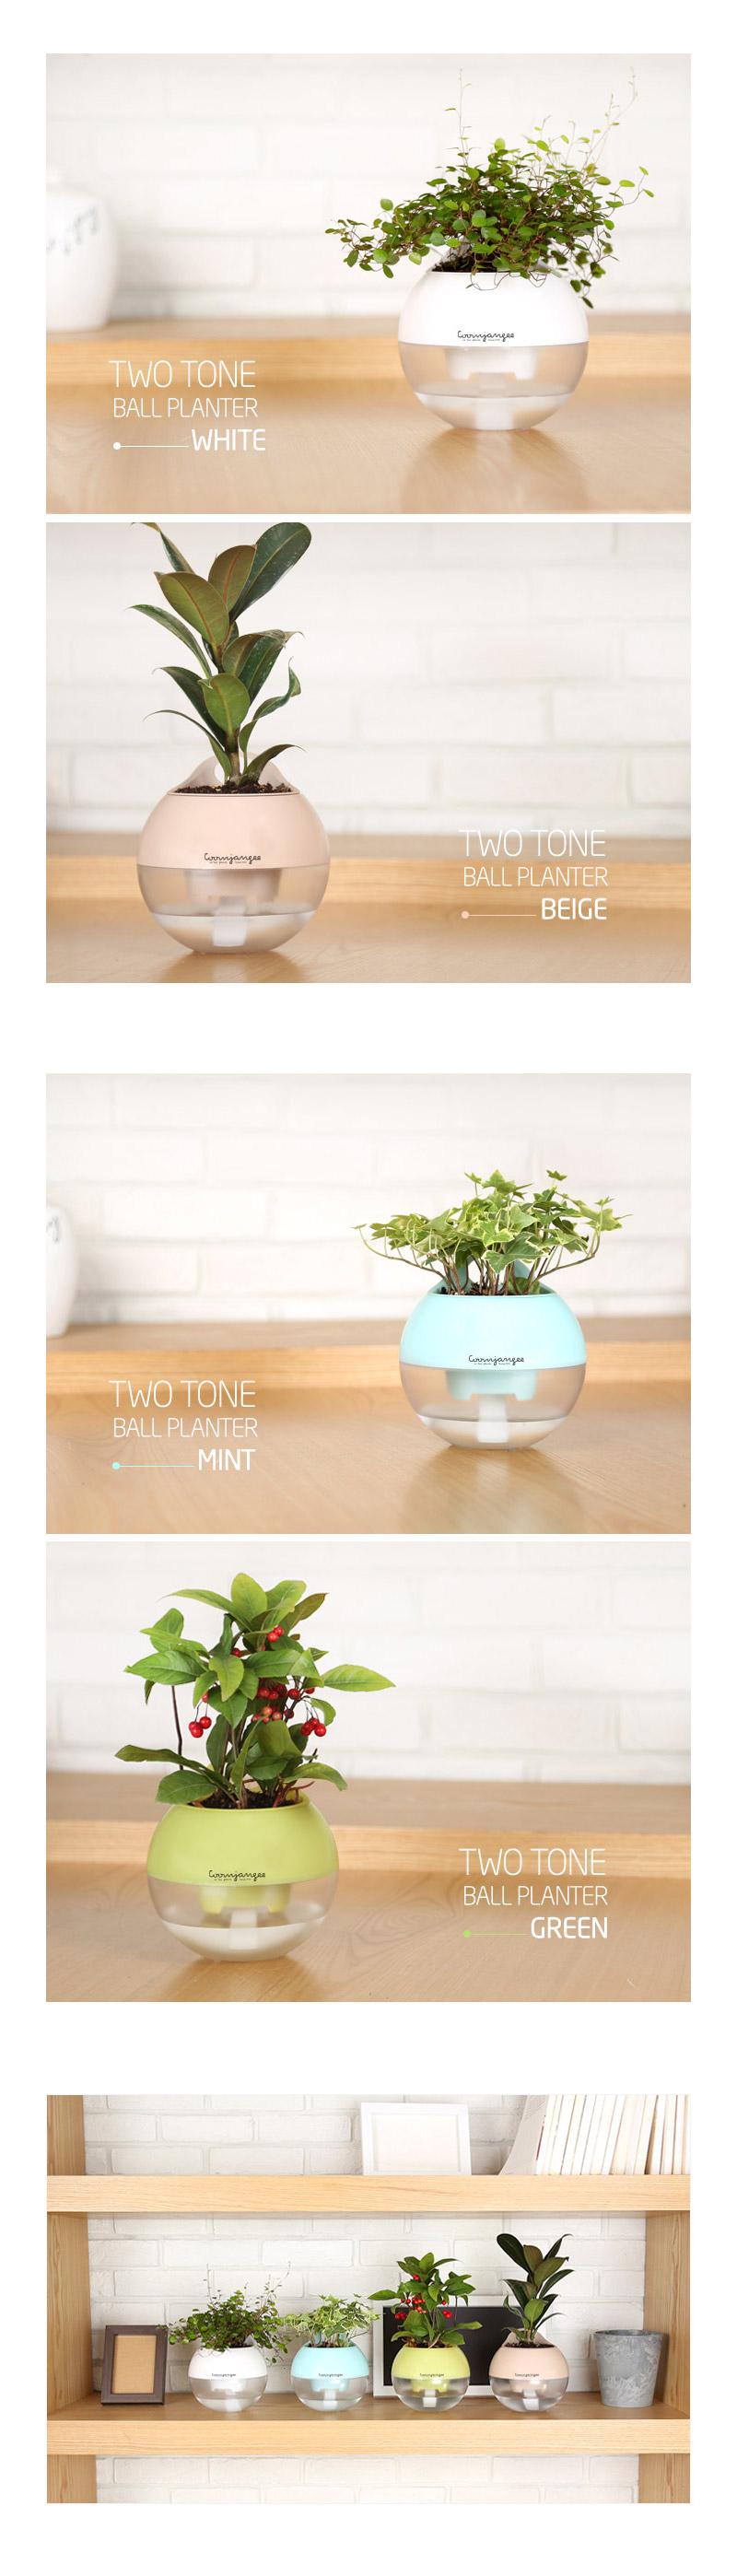 투톤 볼 플랜터 10cm - 분갈이/식물심기용 화분 - 꿈쟁이플라워캔, 5,000원, 공화분, 미니화분